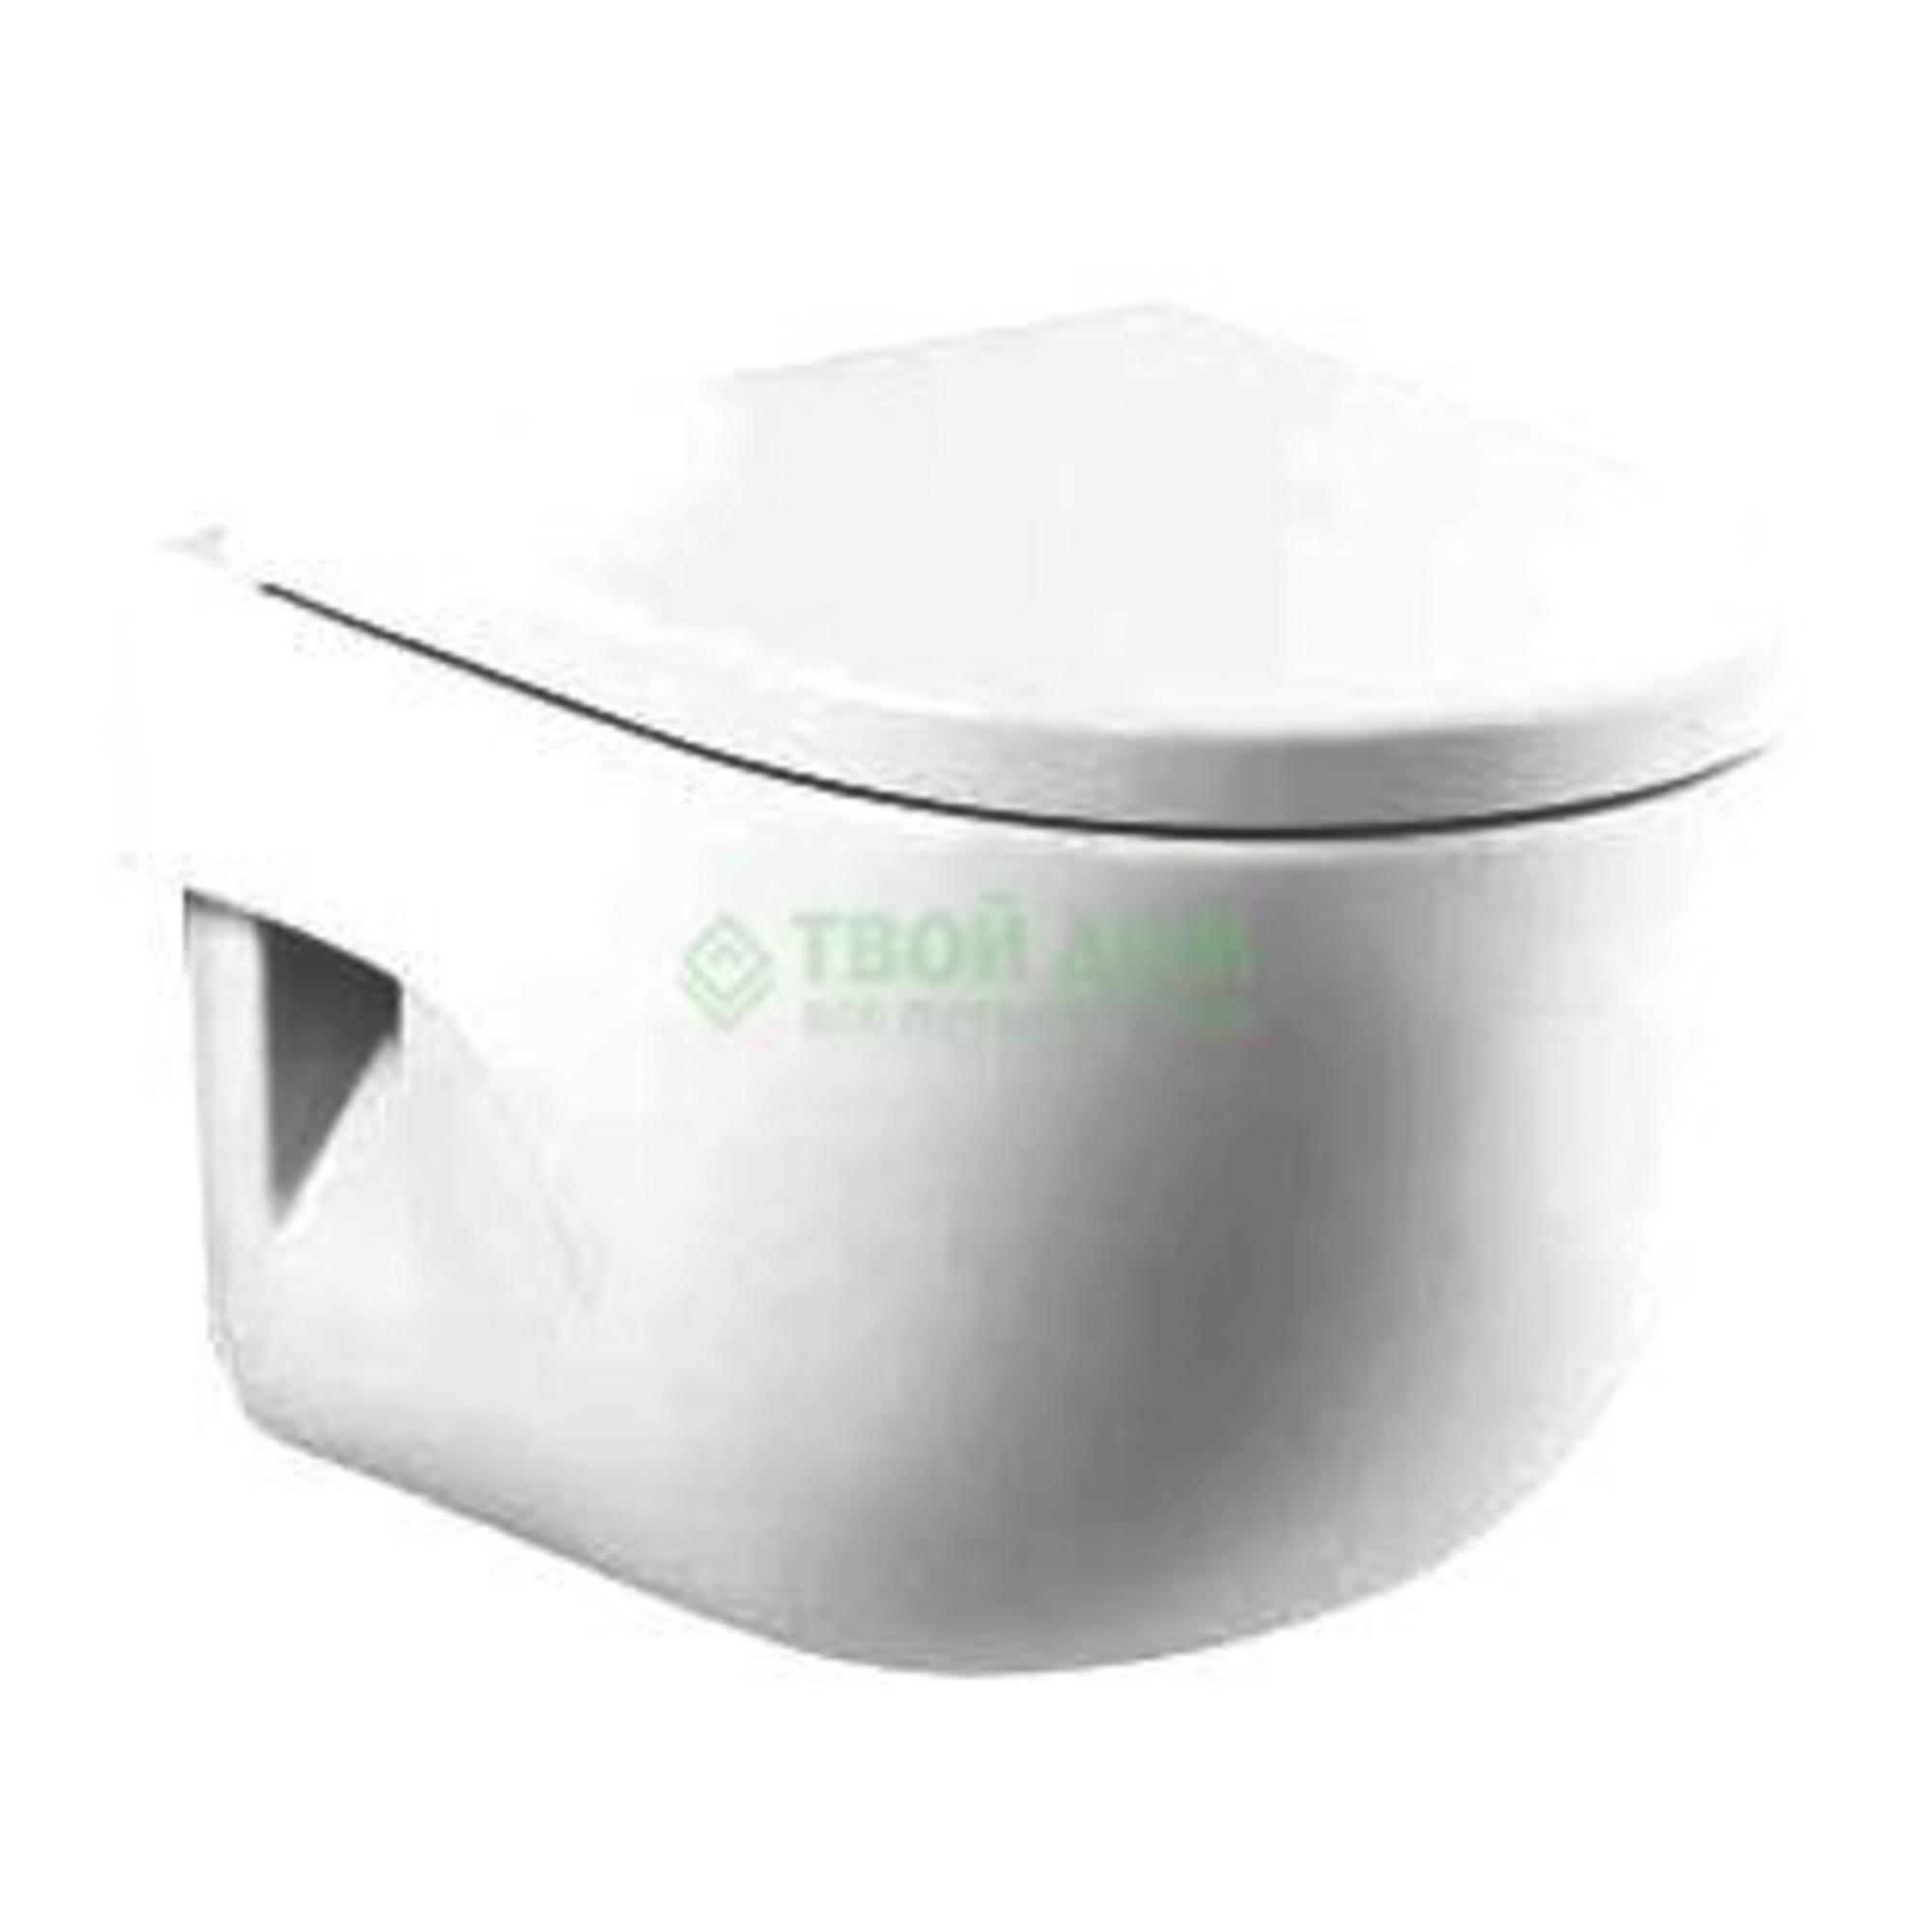 Купить Унитаз Roca Meridian 346248000, унитаз, Испания, белый, сантехнический фарфор